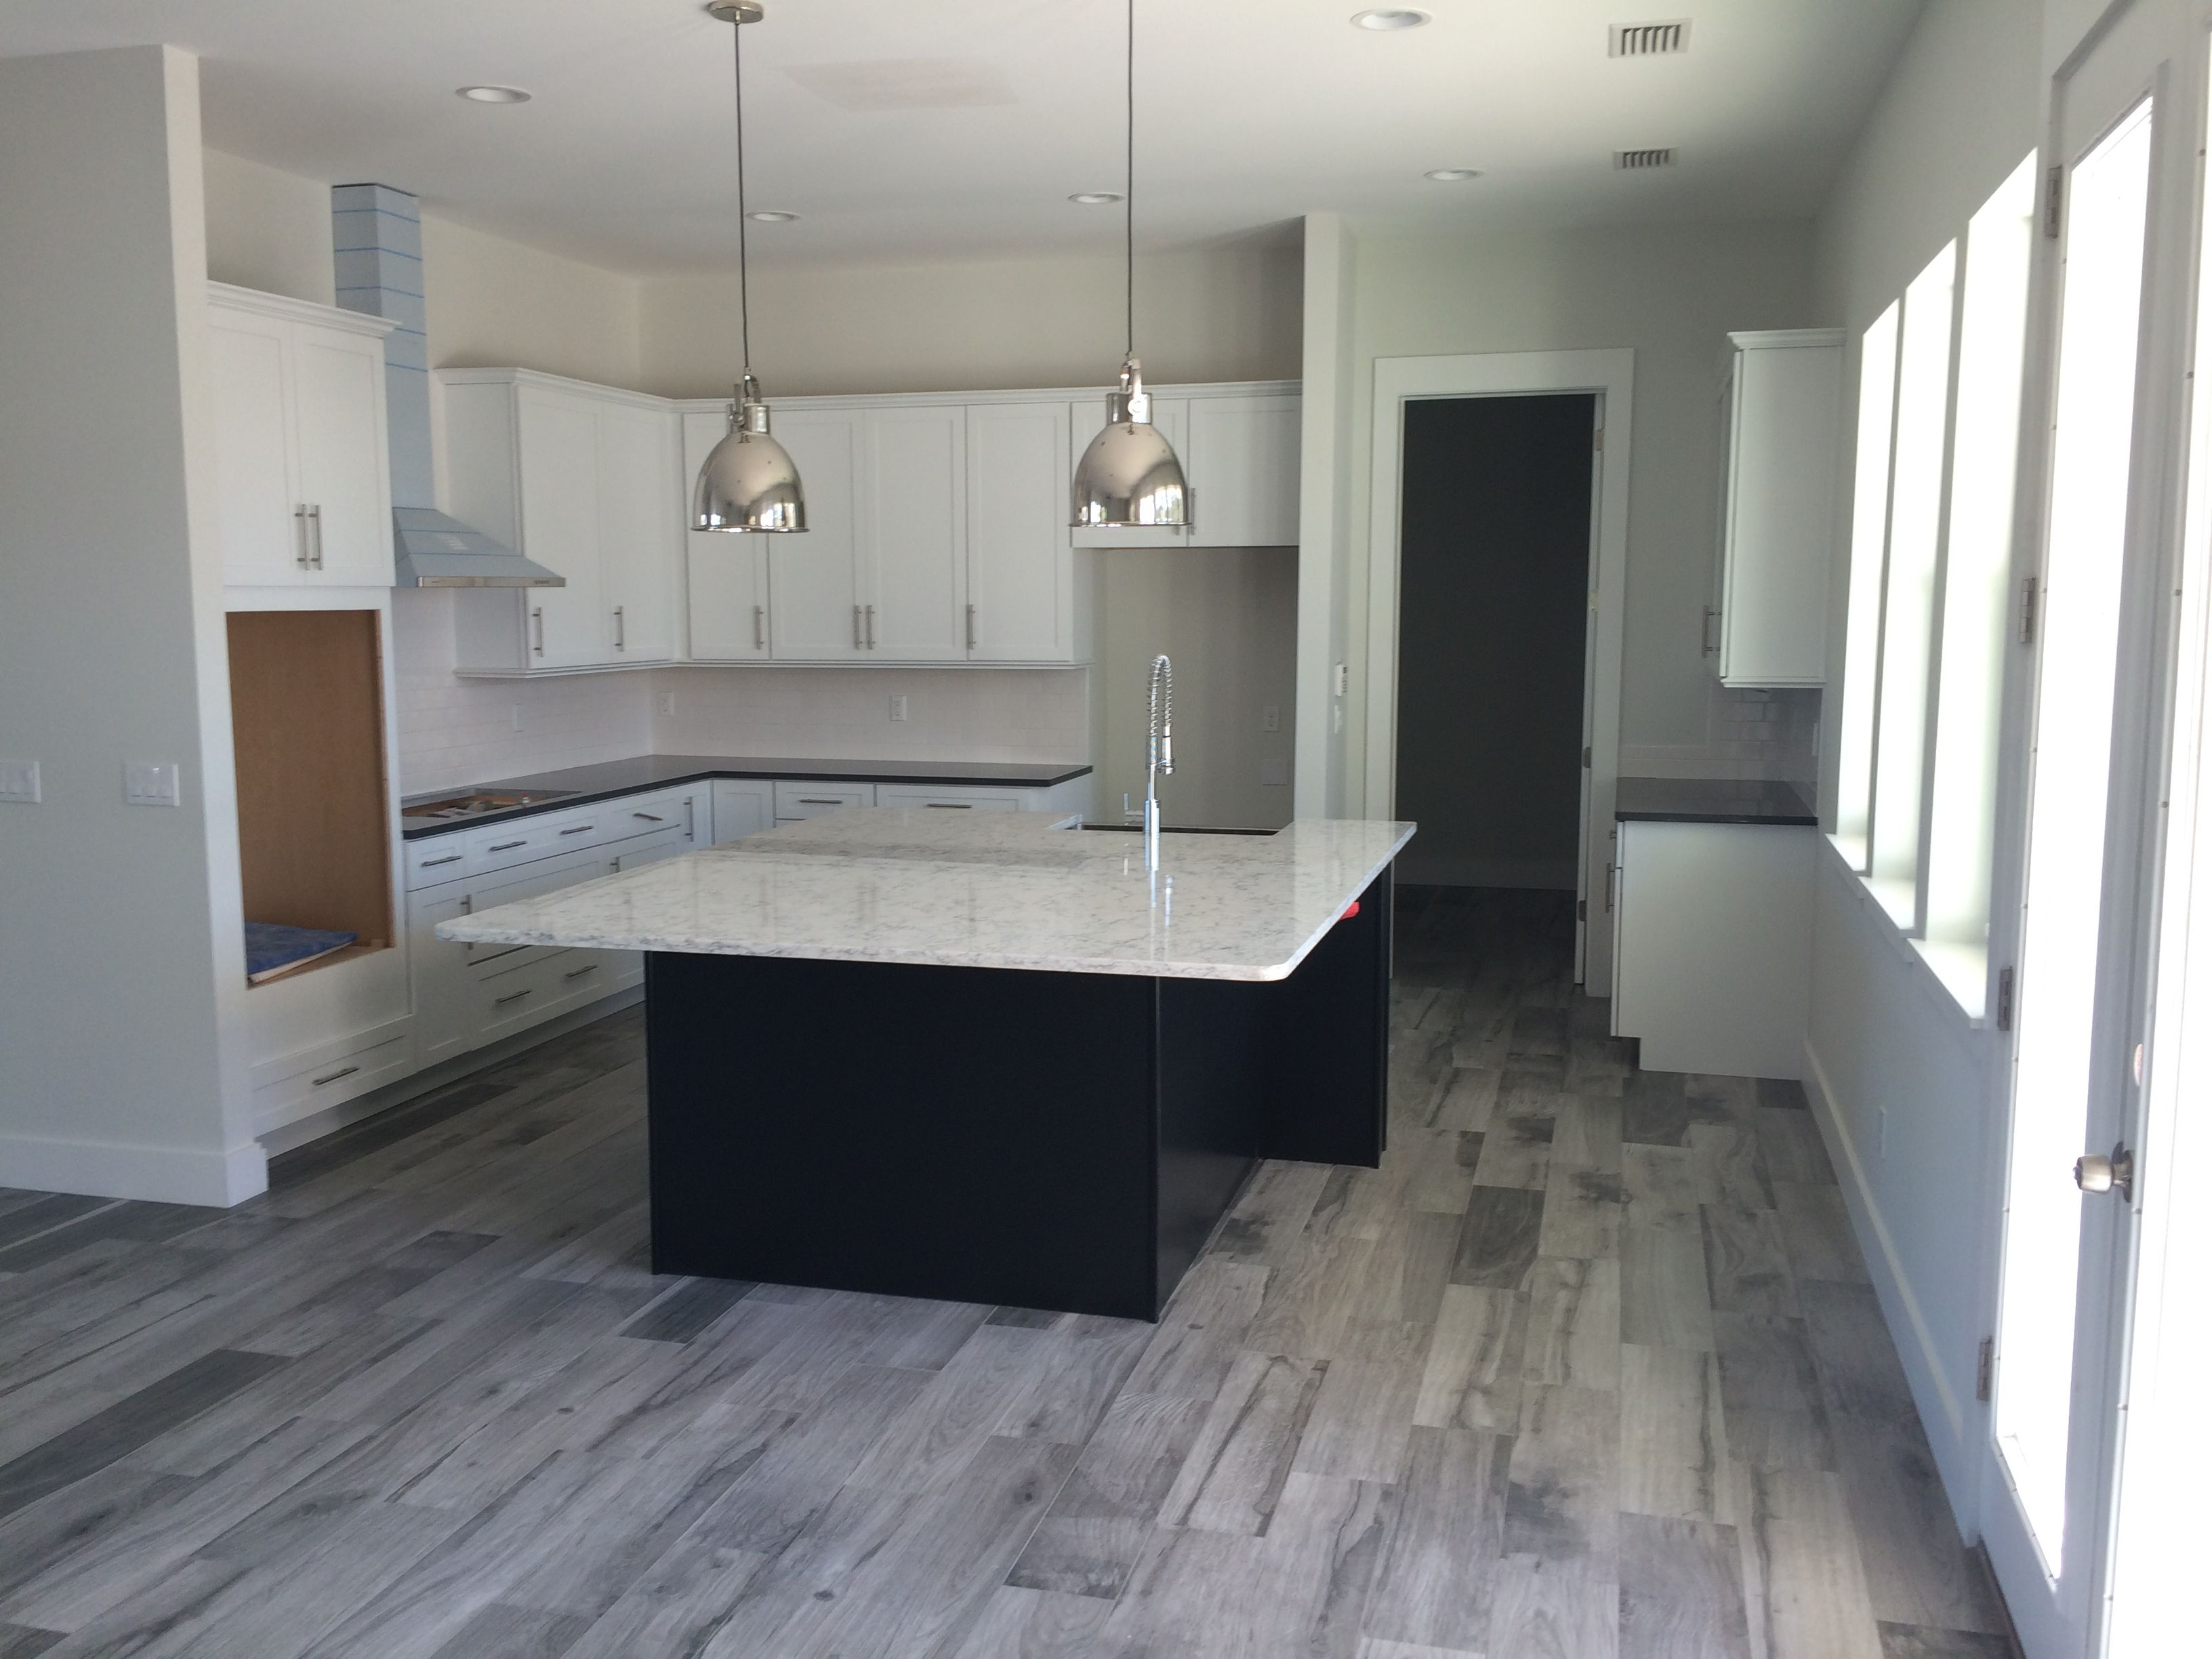 Paul 8x32 Wood Looking Tile2 Jpg 3264 2448 Wood Tile Floor Kitchen Wood Tile Kitchen Kitchen Tiles